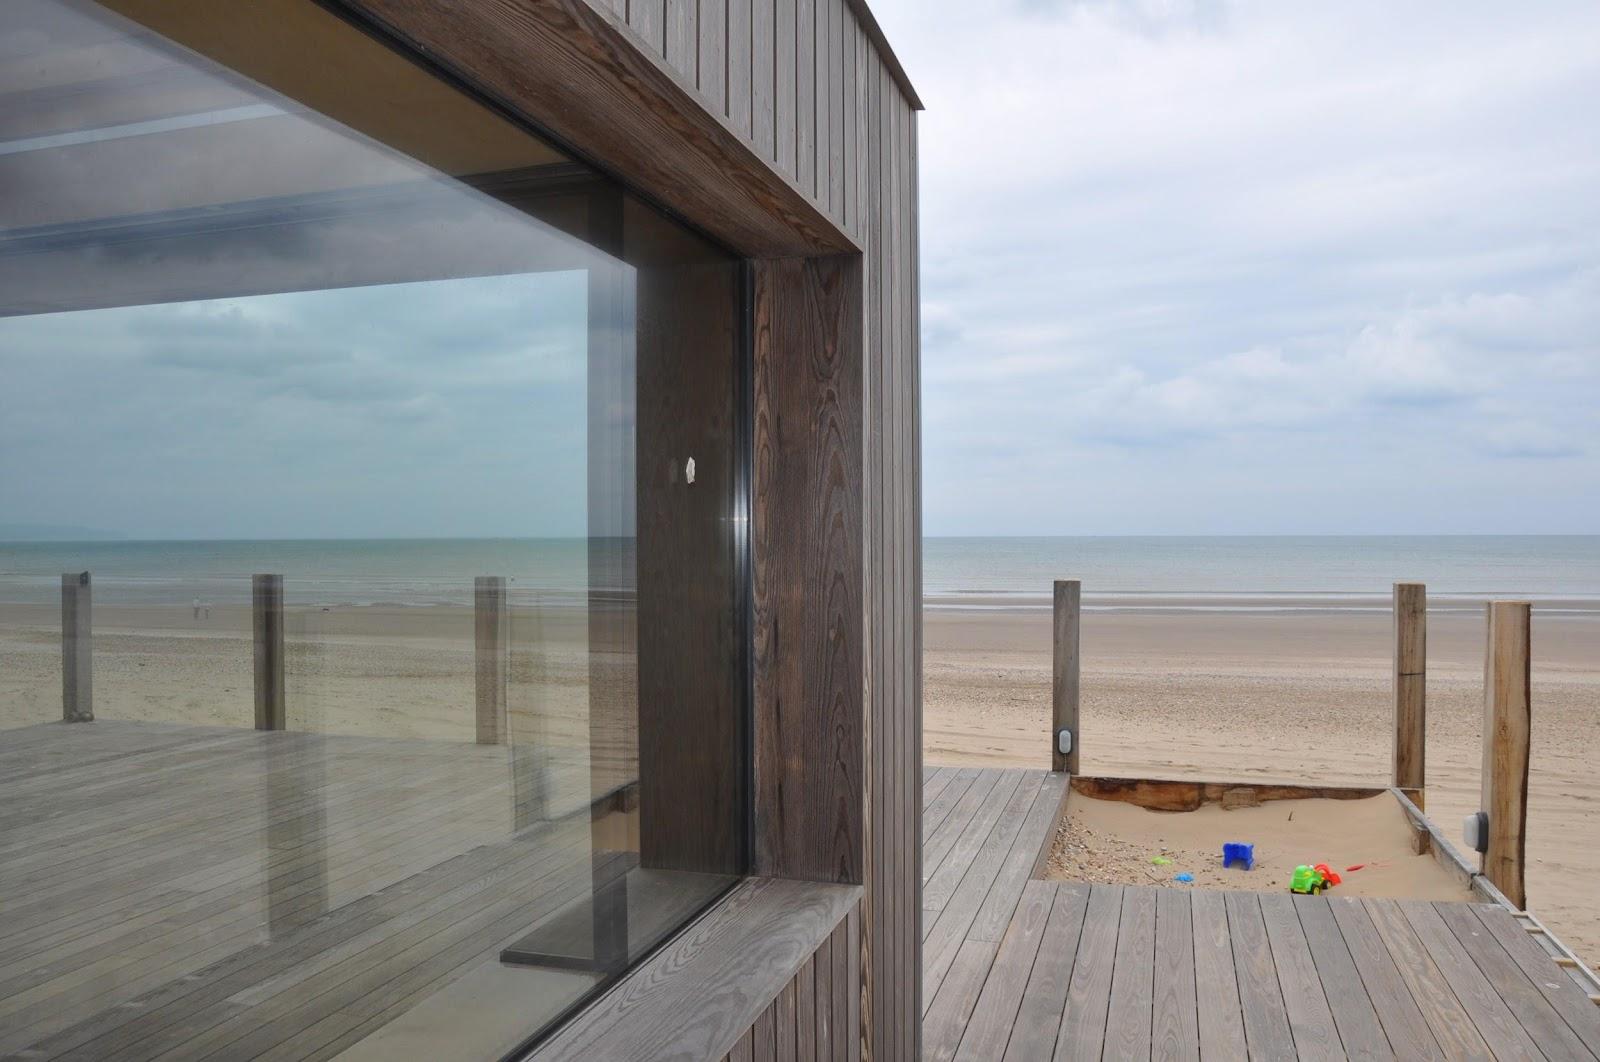 Holzterrasse am Meer